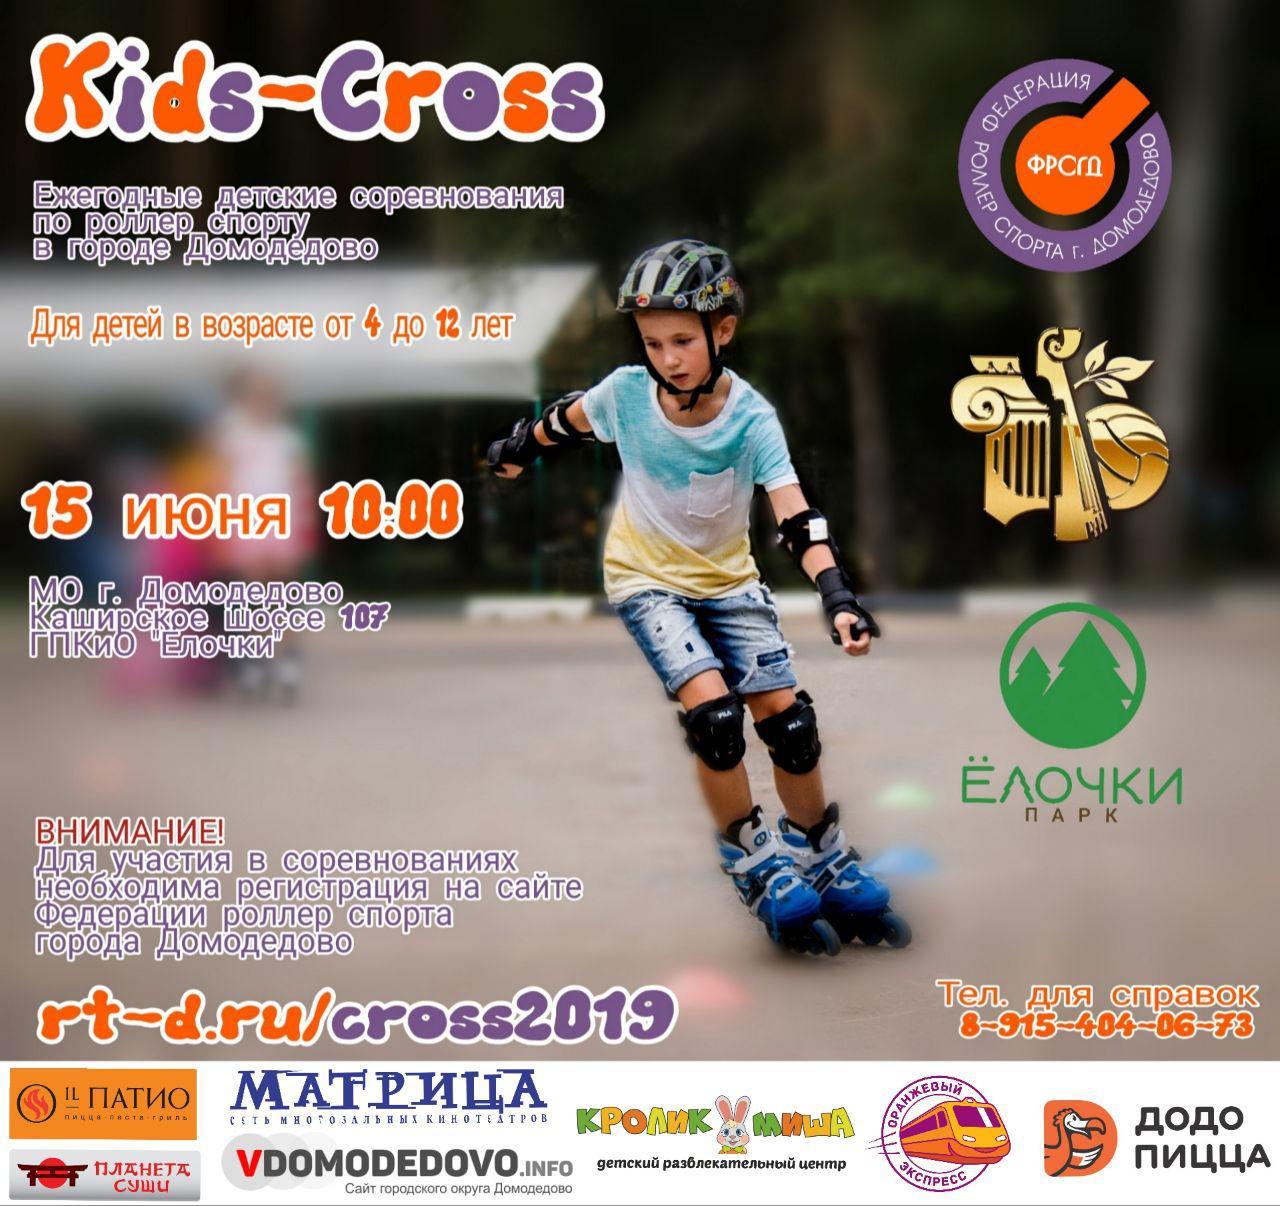 Открыта регистрация на детские соревнования Kids-Cross Domodedovo 2019